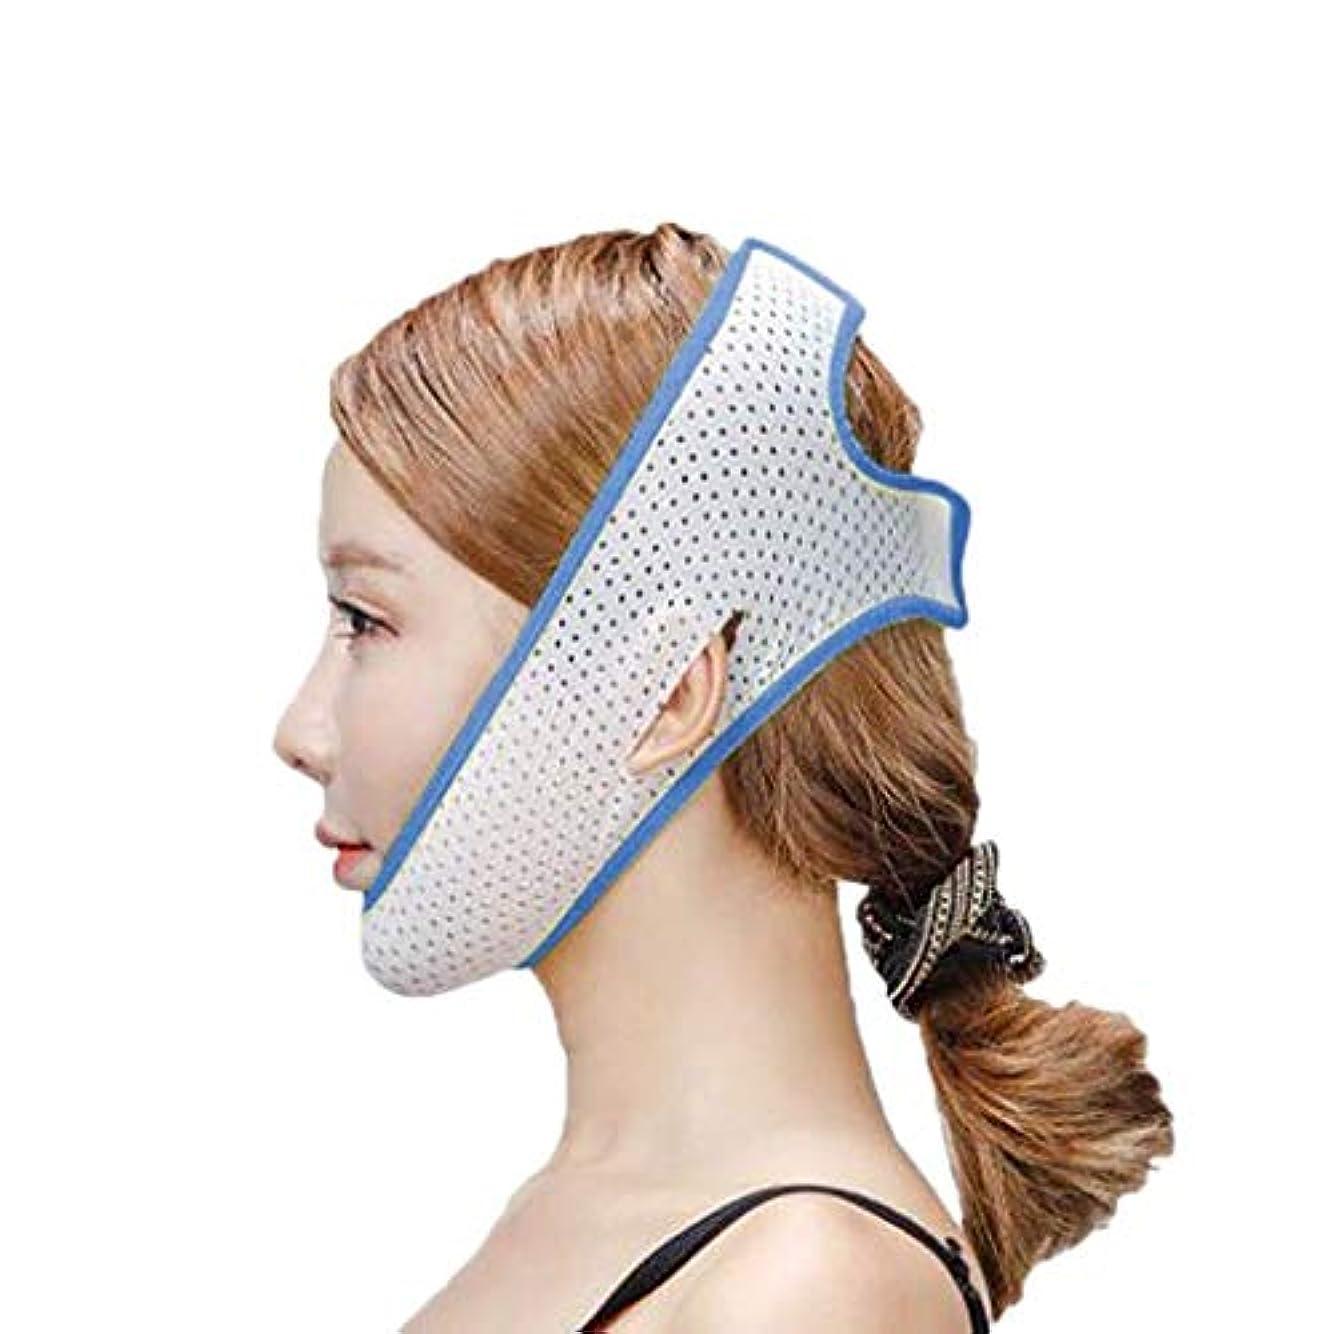 航空会社部分過去フェイスリフトマスク、ダブルチンストラップ、フェイシャル減量マスク、フェイシャルダブルチンケアスリミングマスク、リンクルマスク(フリーサイズ)(カラー:ブラック),青